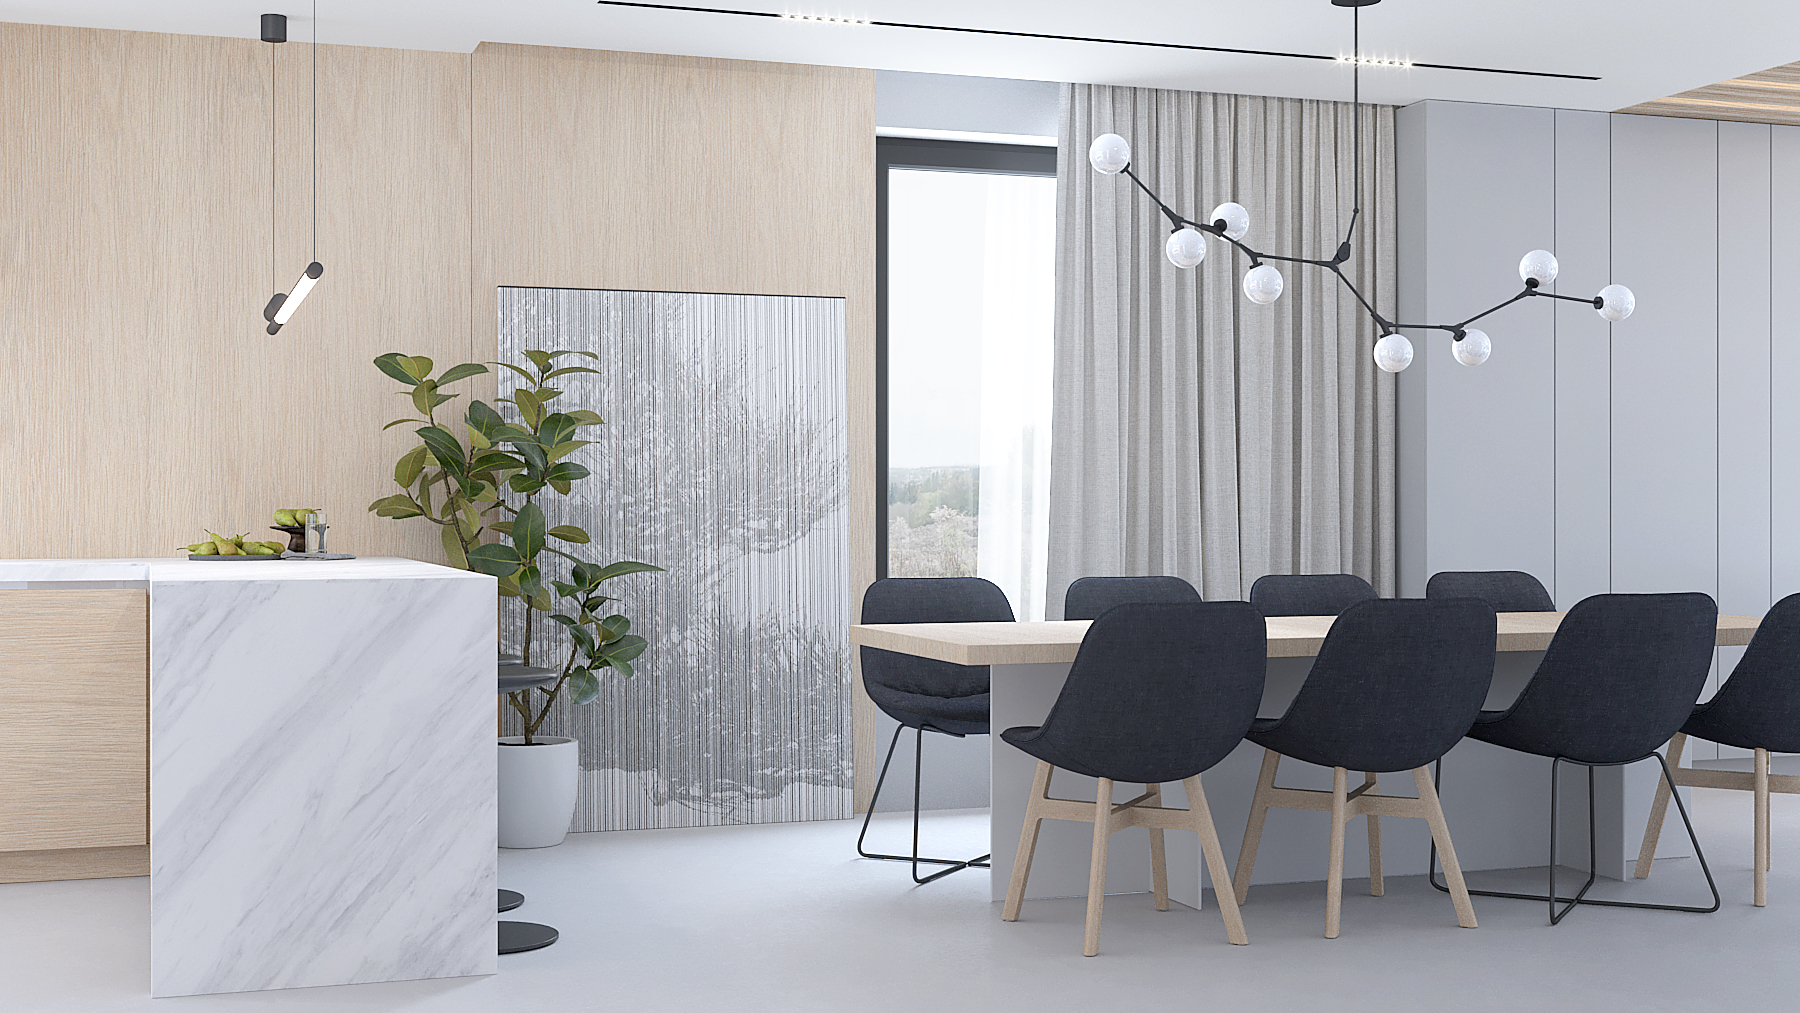 9 projektowanie wnetrz D557 dom Bibice jadalnia drewniany duzy stol szare krzesla lampa nad stolem drewno na scianie